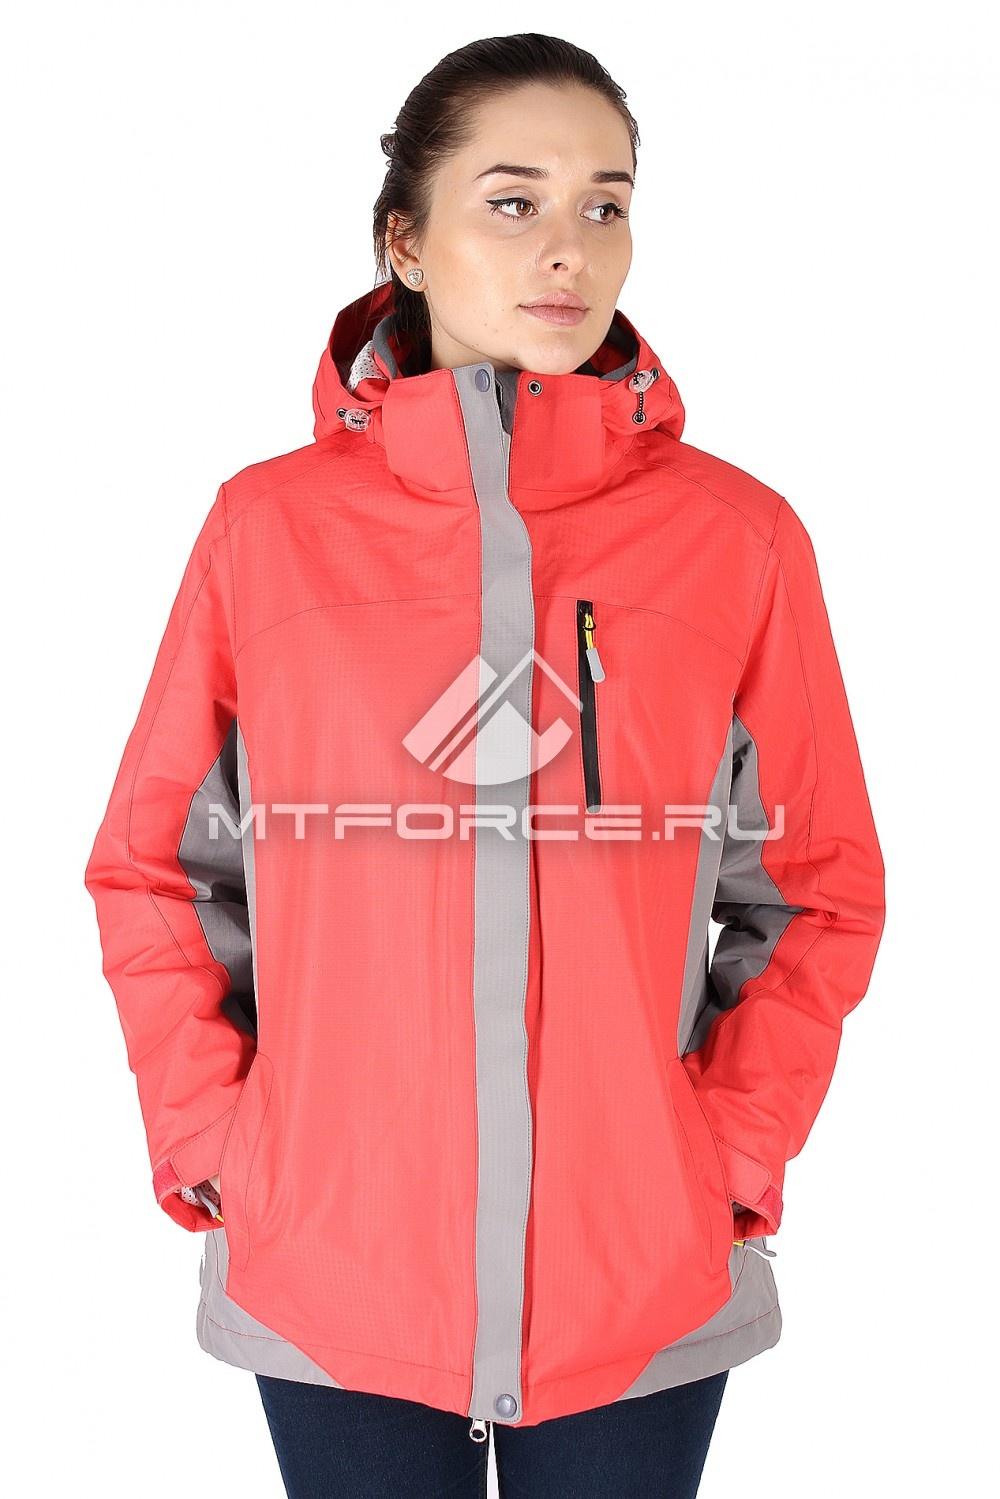 Купить                                  оптом Куртка спортивная женская батал персикового цвета 626P